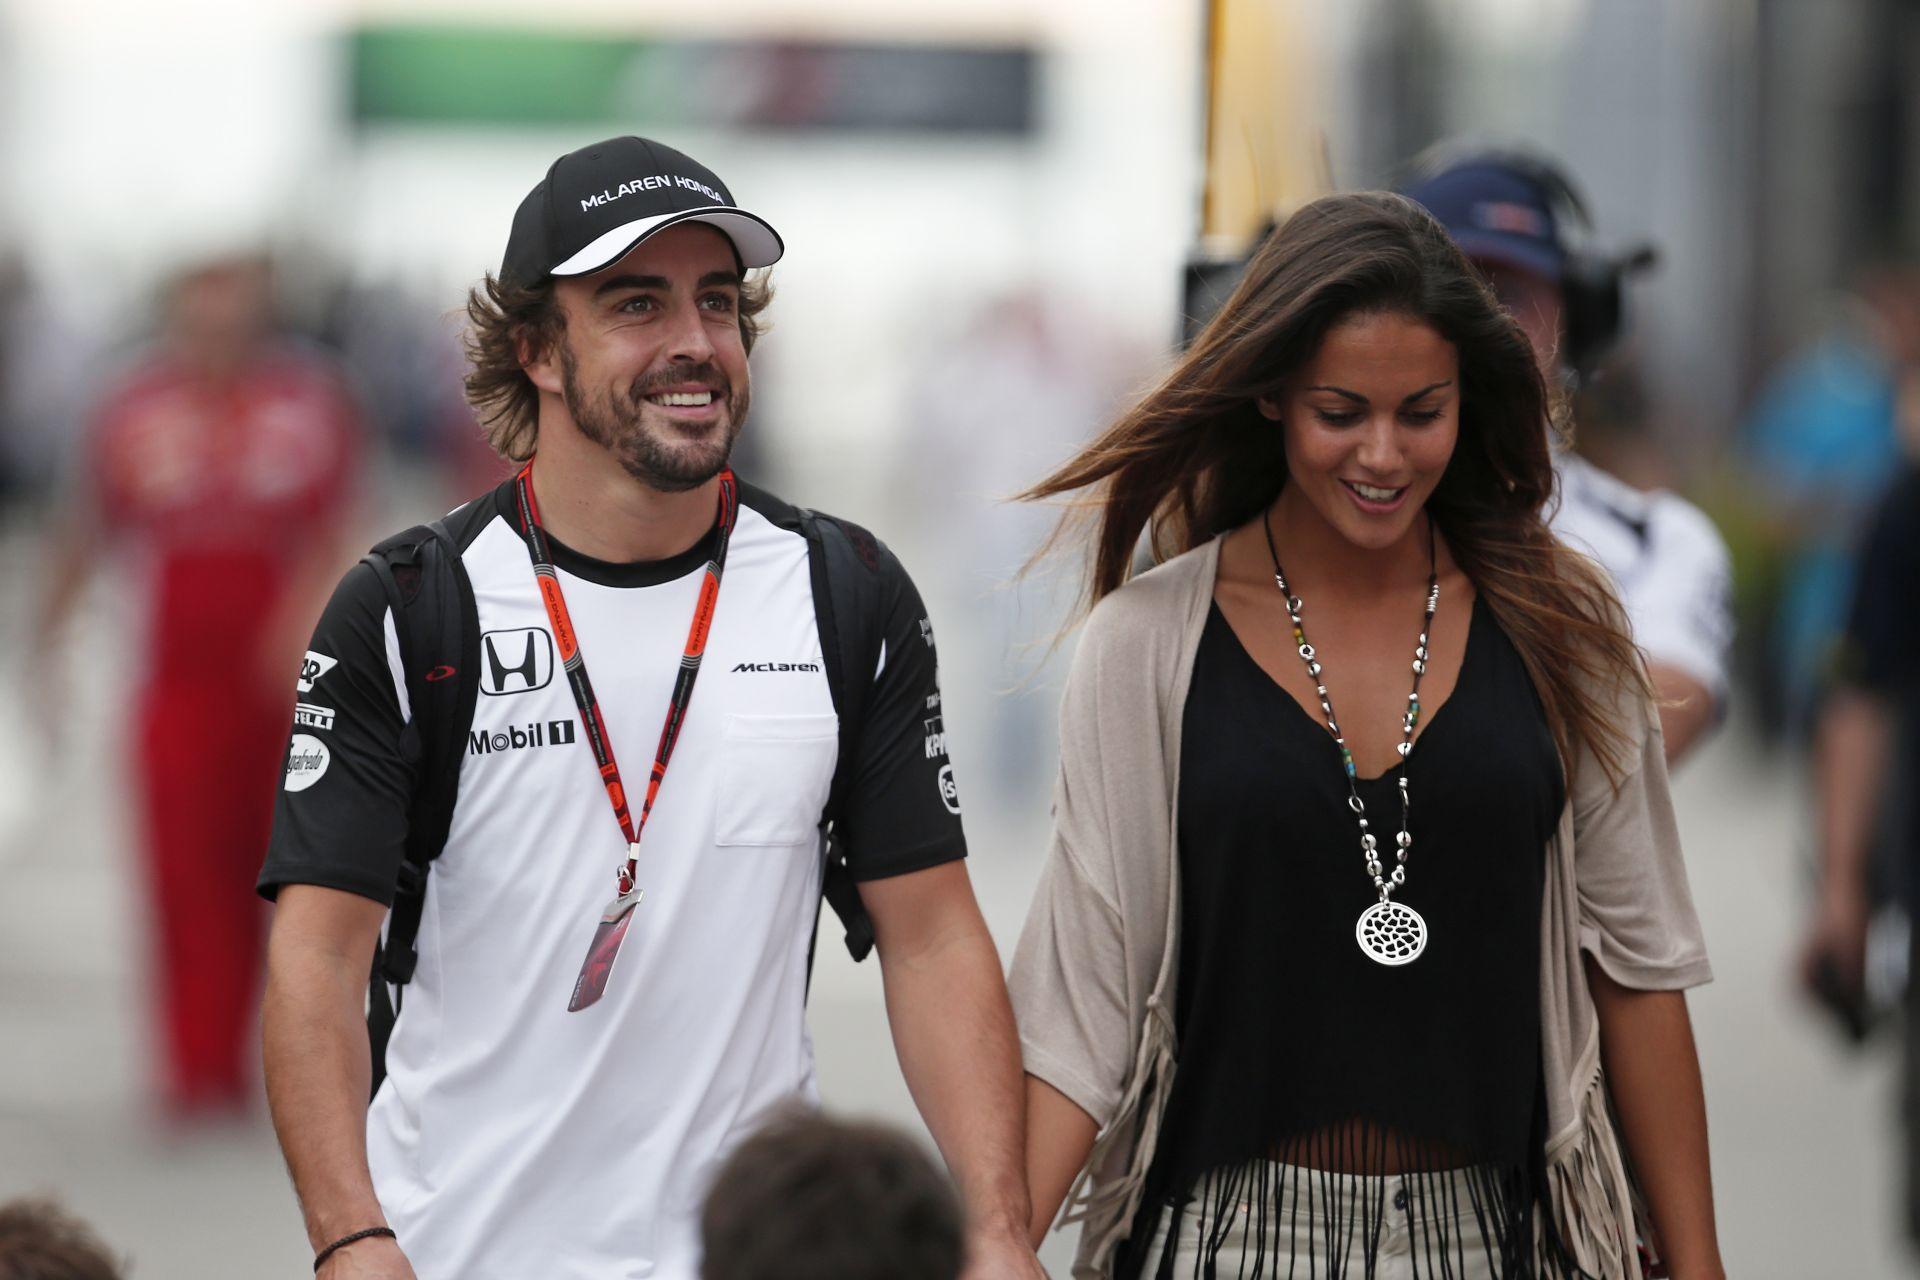 Árulkodó jel: Alonso és barátnője szinte biztos szakítottak – már eljegyzési gyűrű sincs Lara ujján!